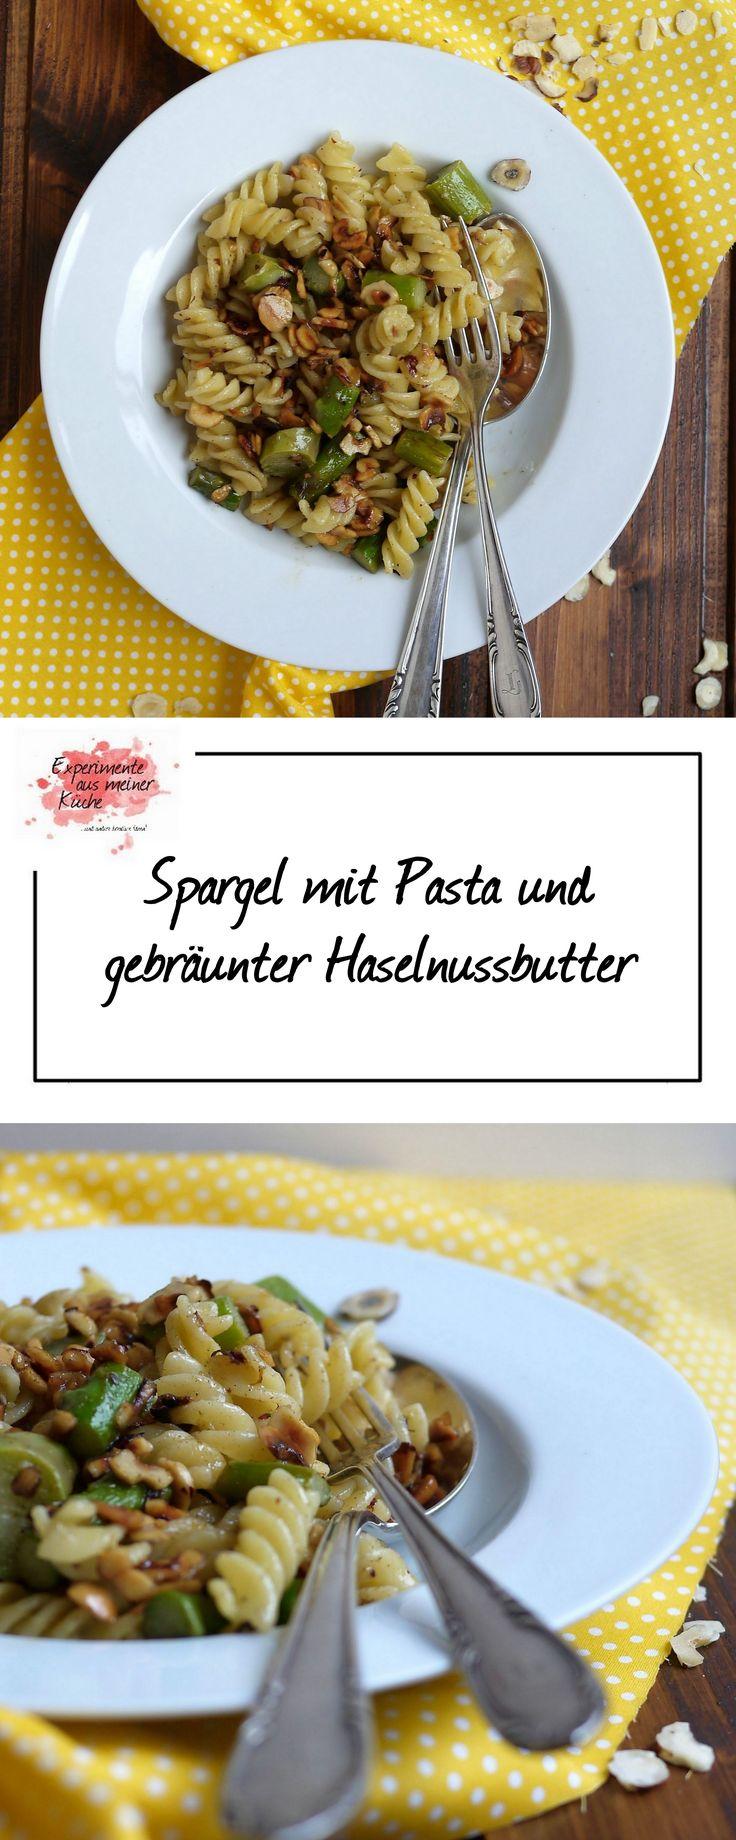 Experimente aus meiner Küche: Spargel mit Pasta und gebräunter Haselnussbutter